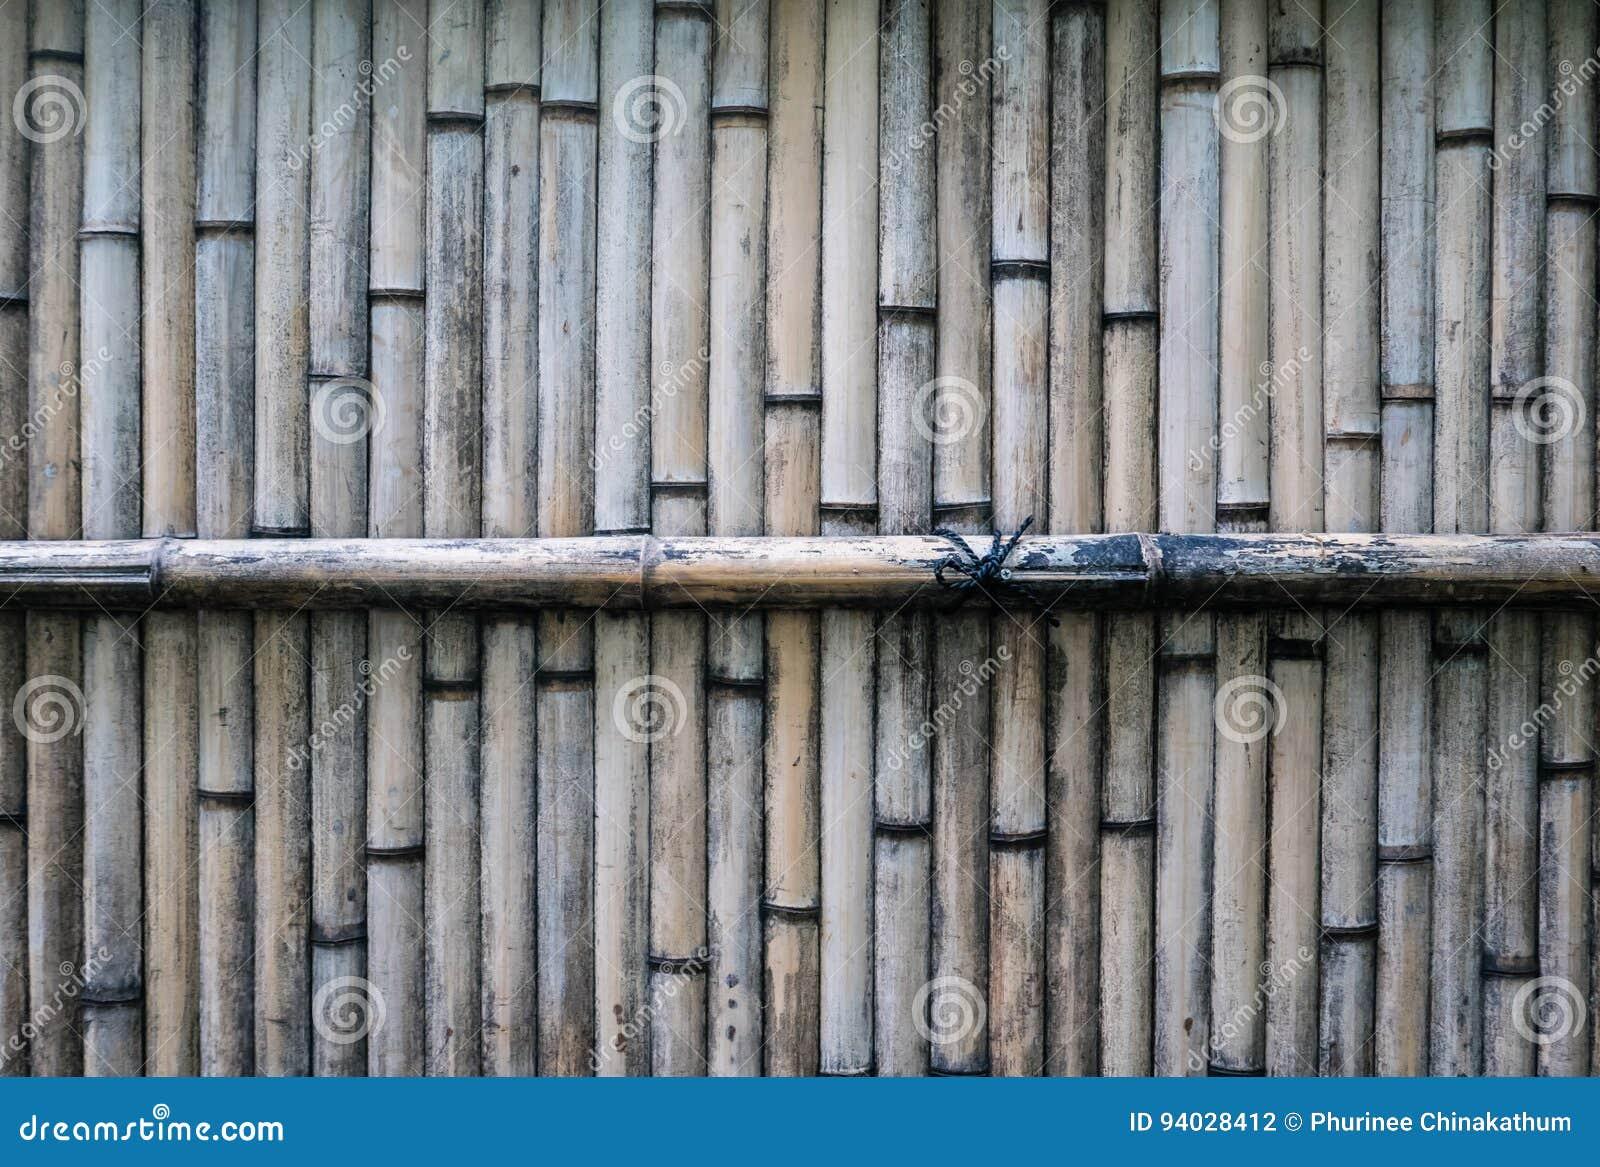 japanischer bambuszaun stockfoto. bild von waldung, barke - 94028412